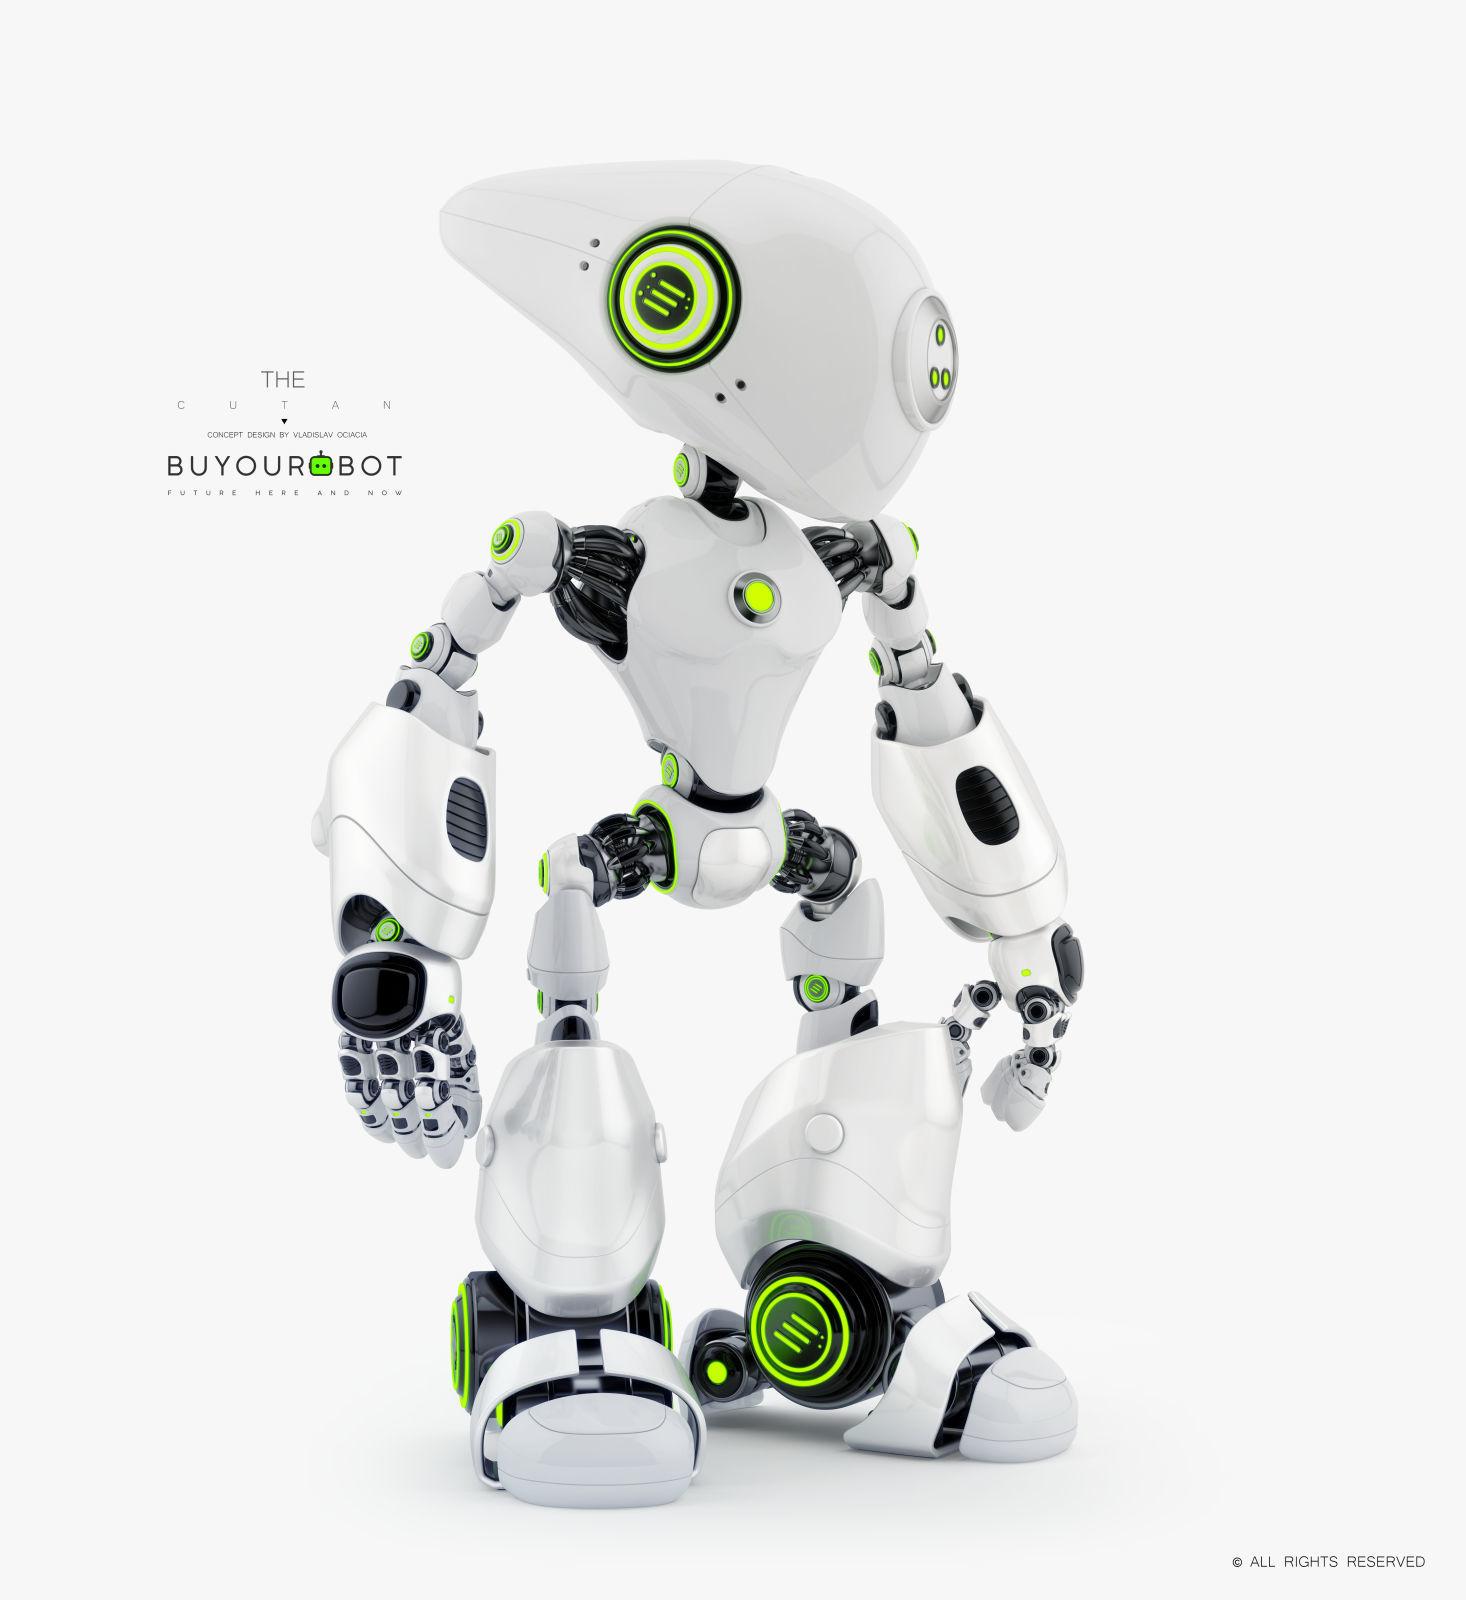 OCULUS Long Headed robot